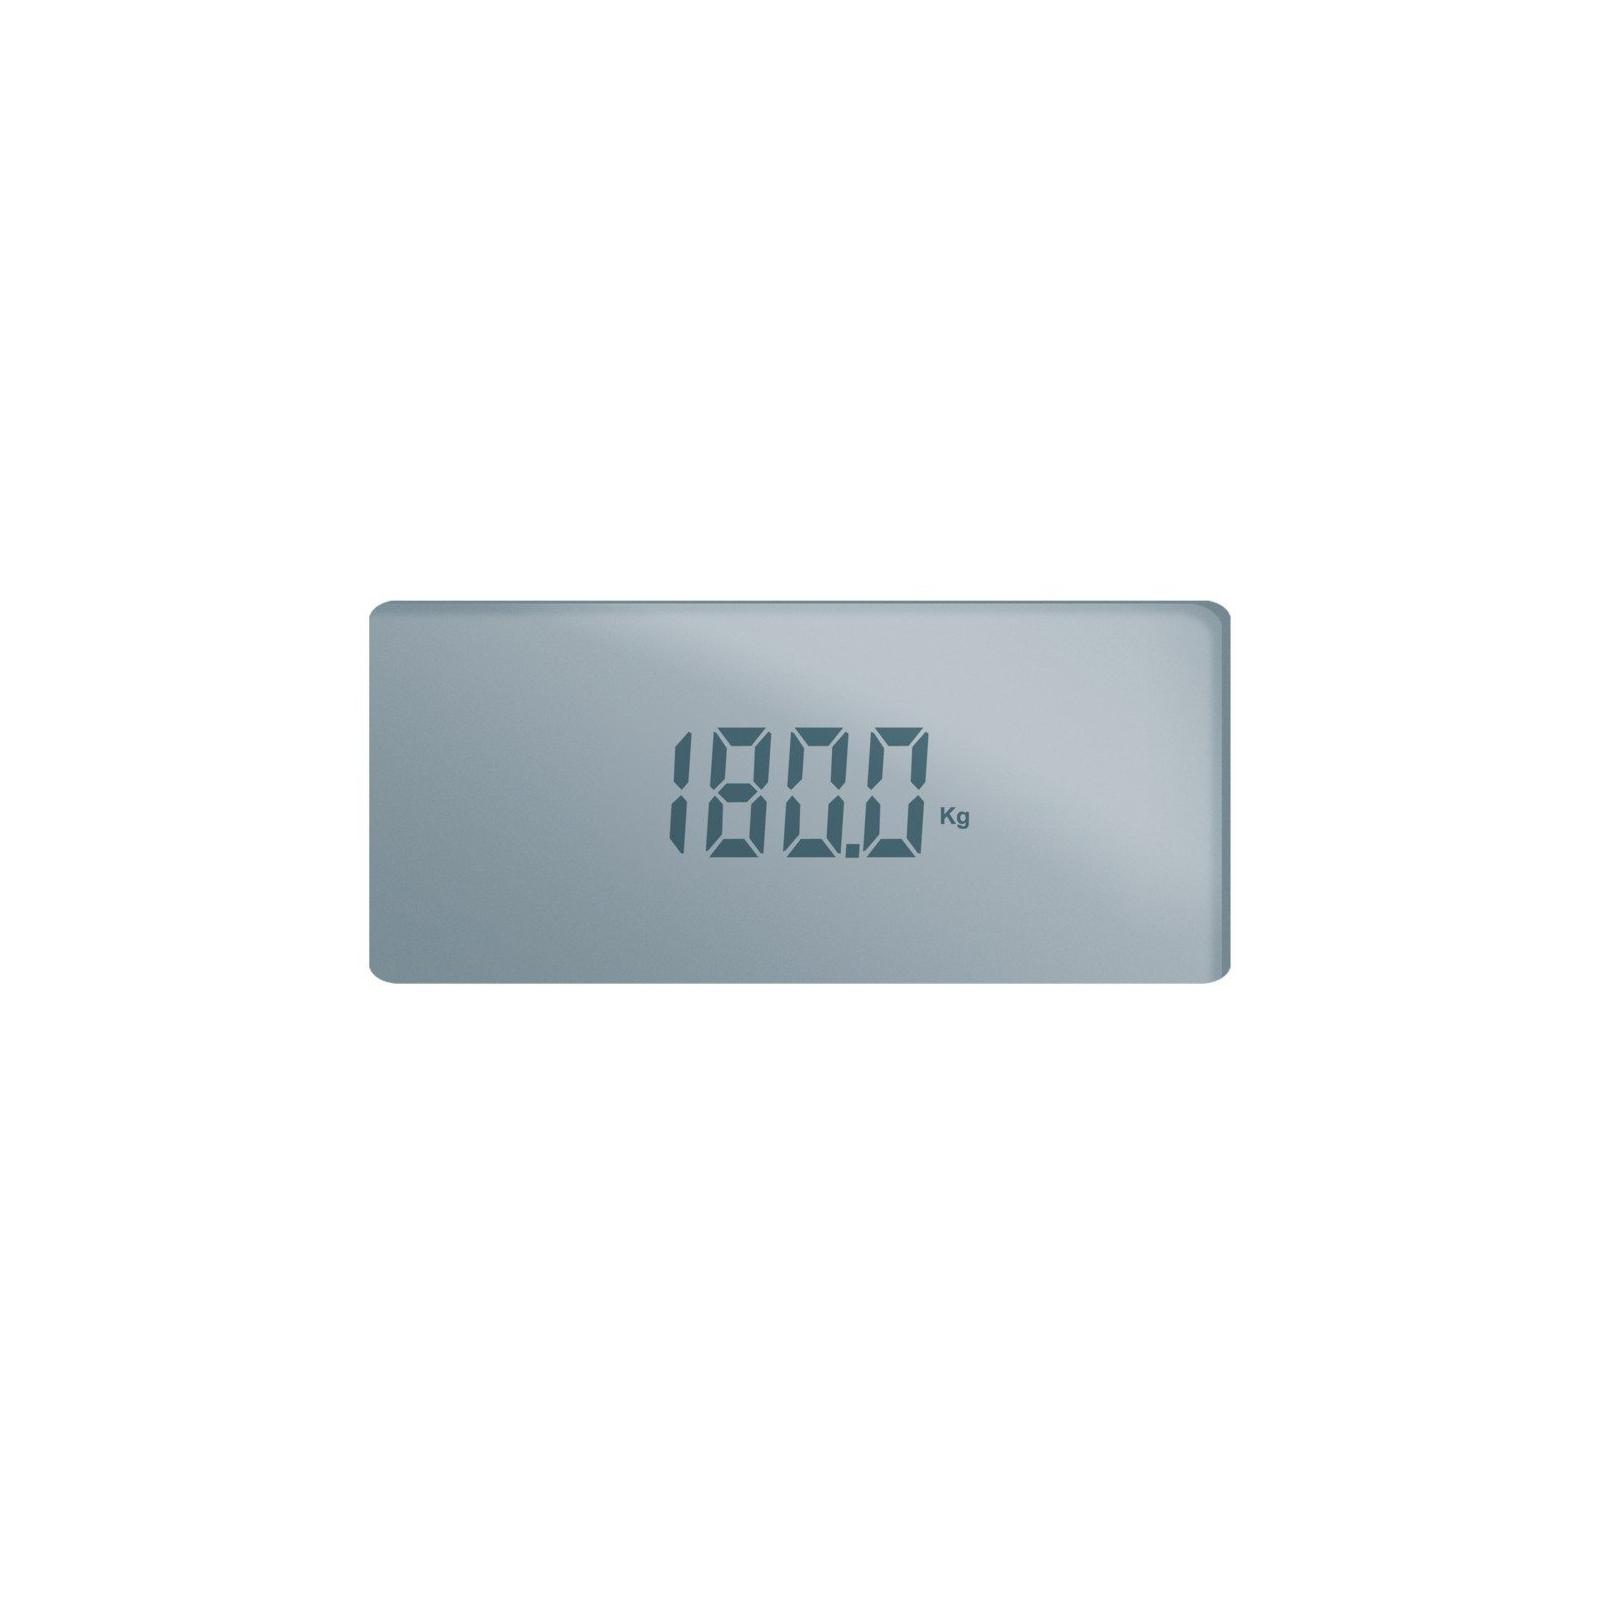 Весы напольные BOSCH PPW3300 изображение 5